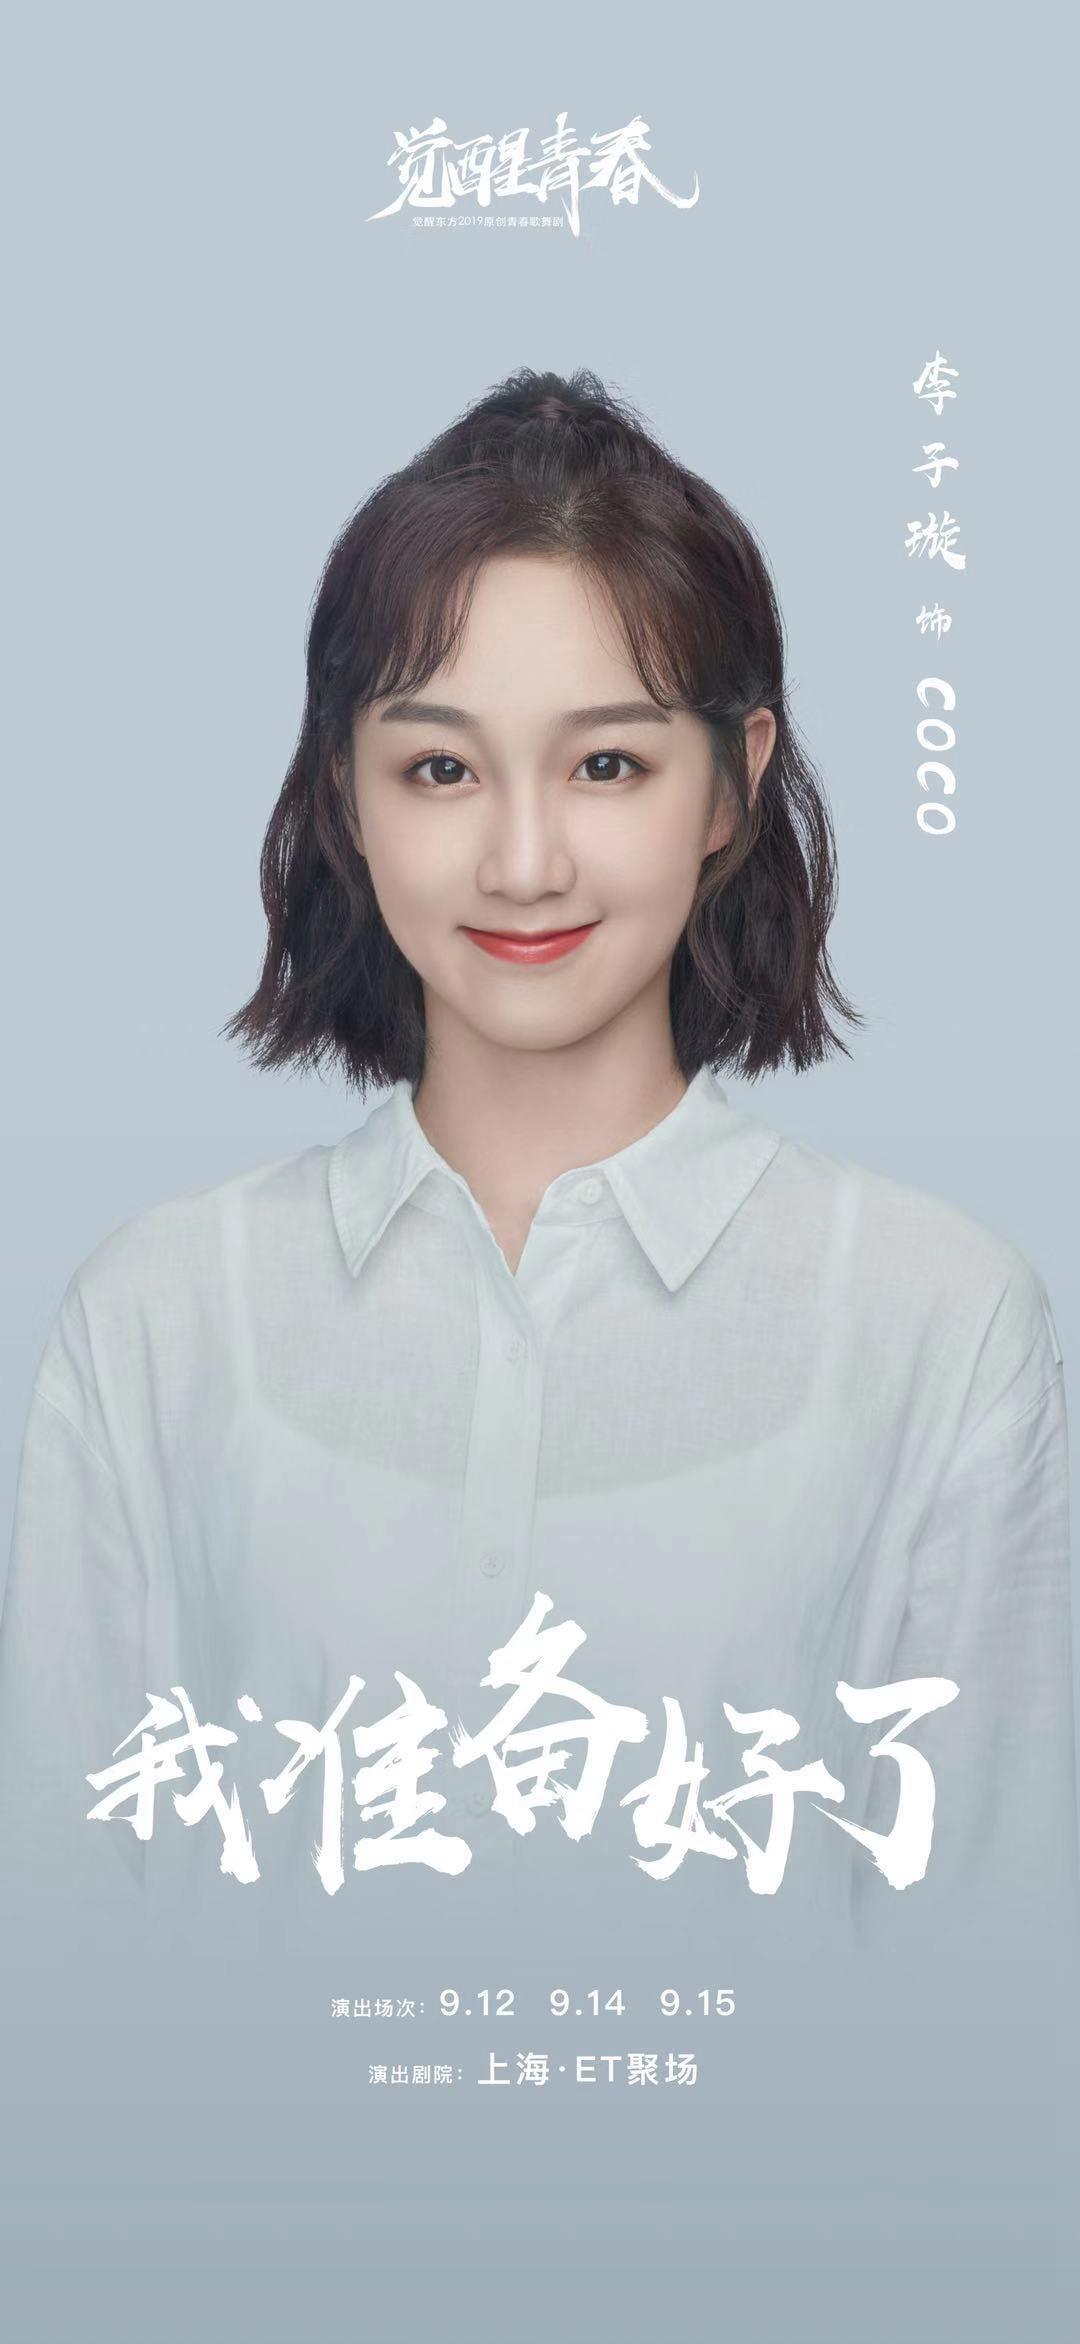 李子璇官宣海报.jpeg